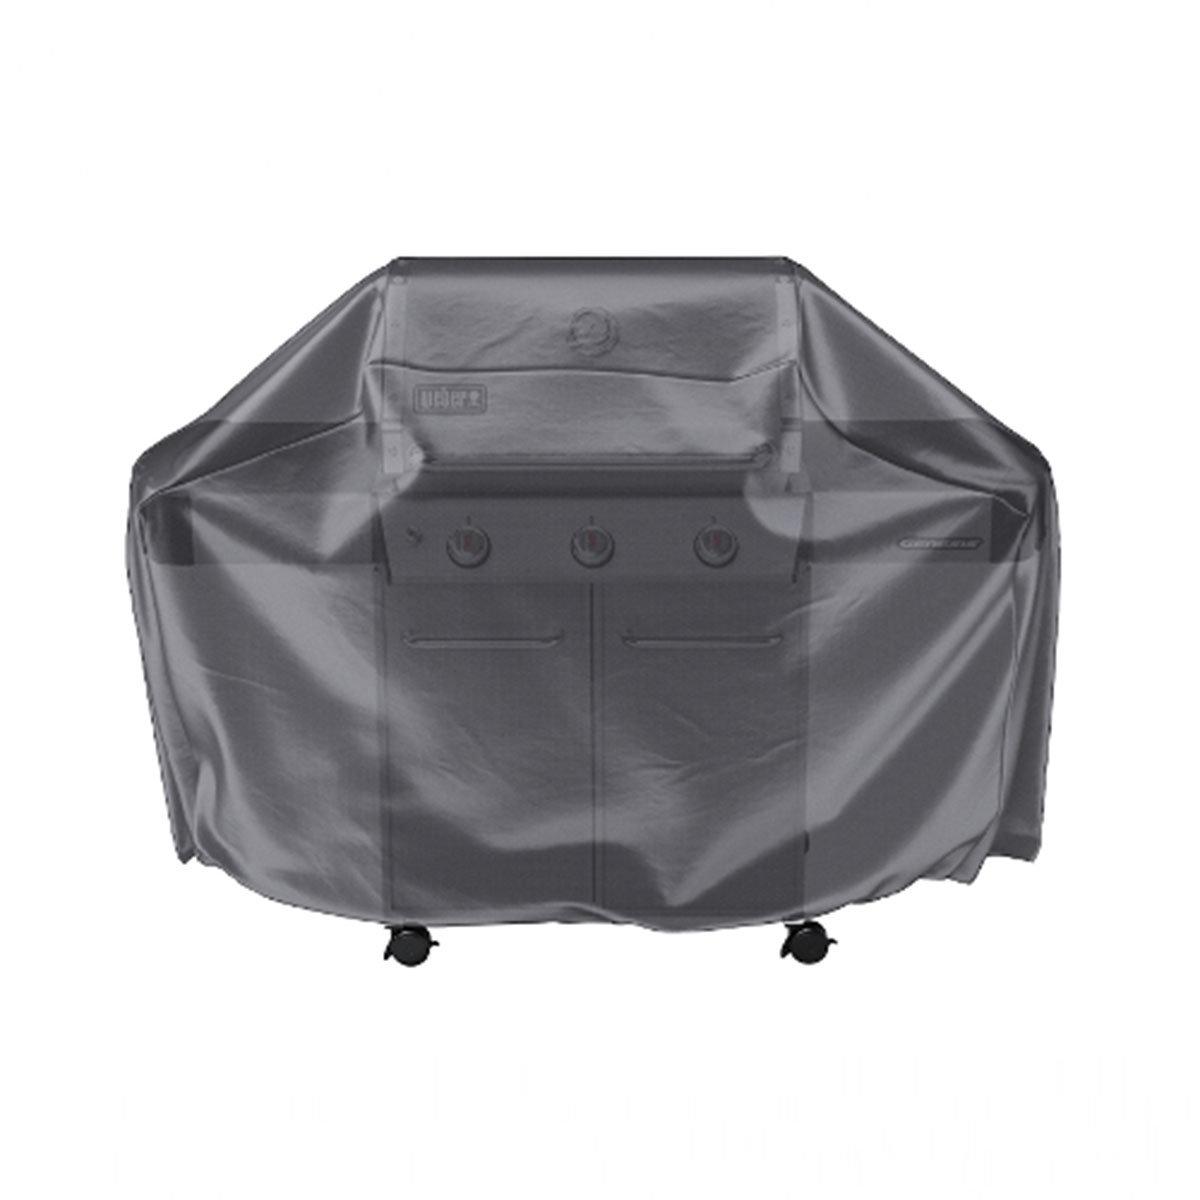 Schutzhülle AeroCover für Grills, 148x61x110 cm